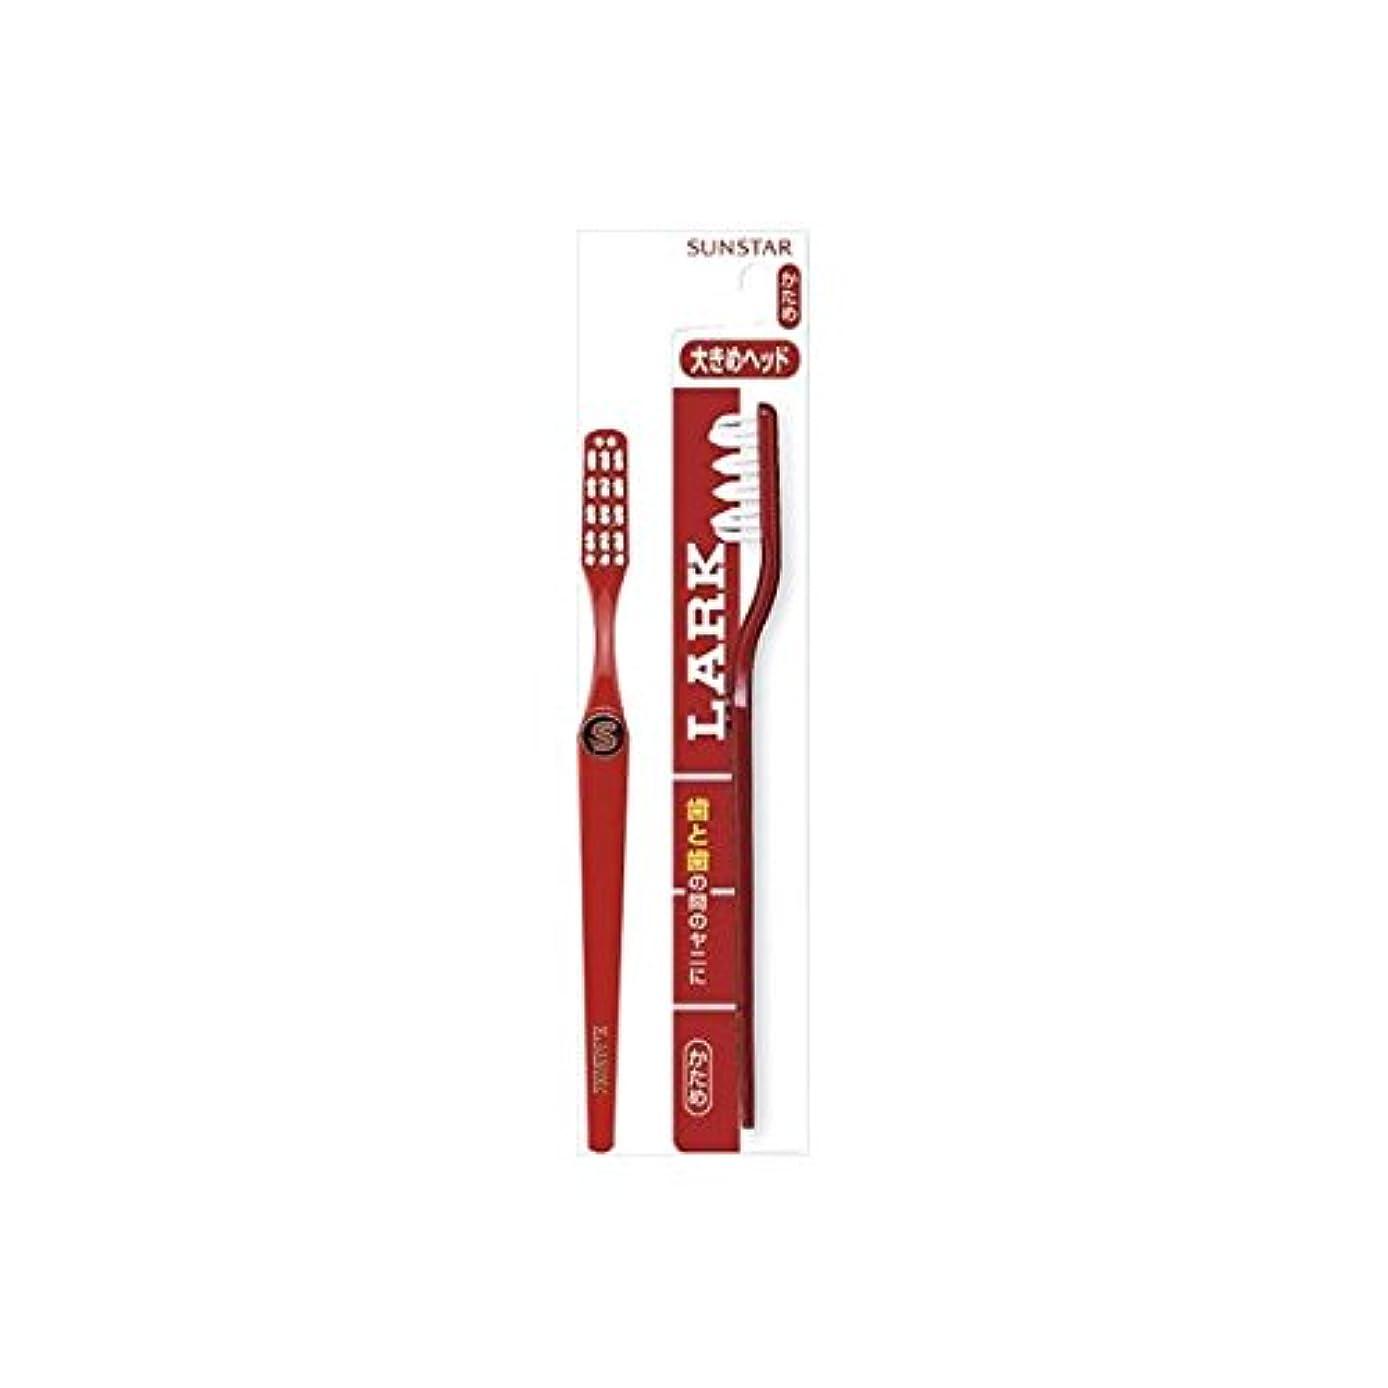 補助金開発する不愉快にサンスター ラーク 歯ブラシ レギュラーヘッド × 6 点セット